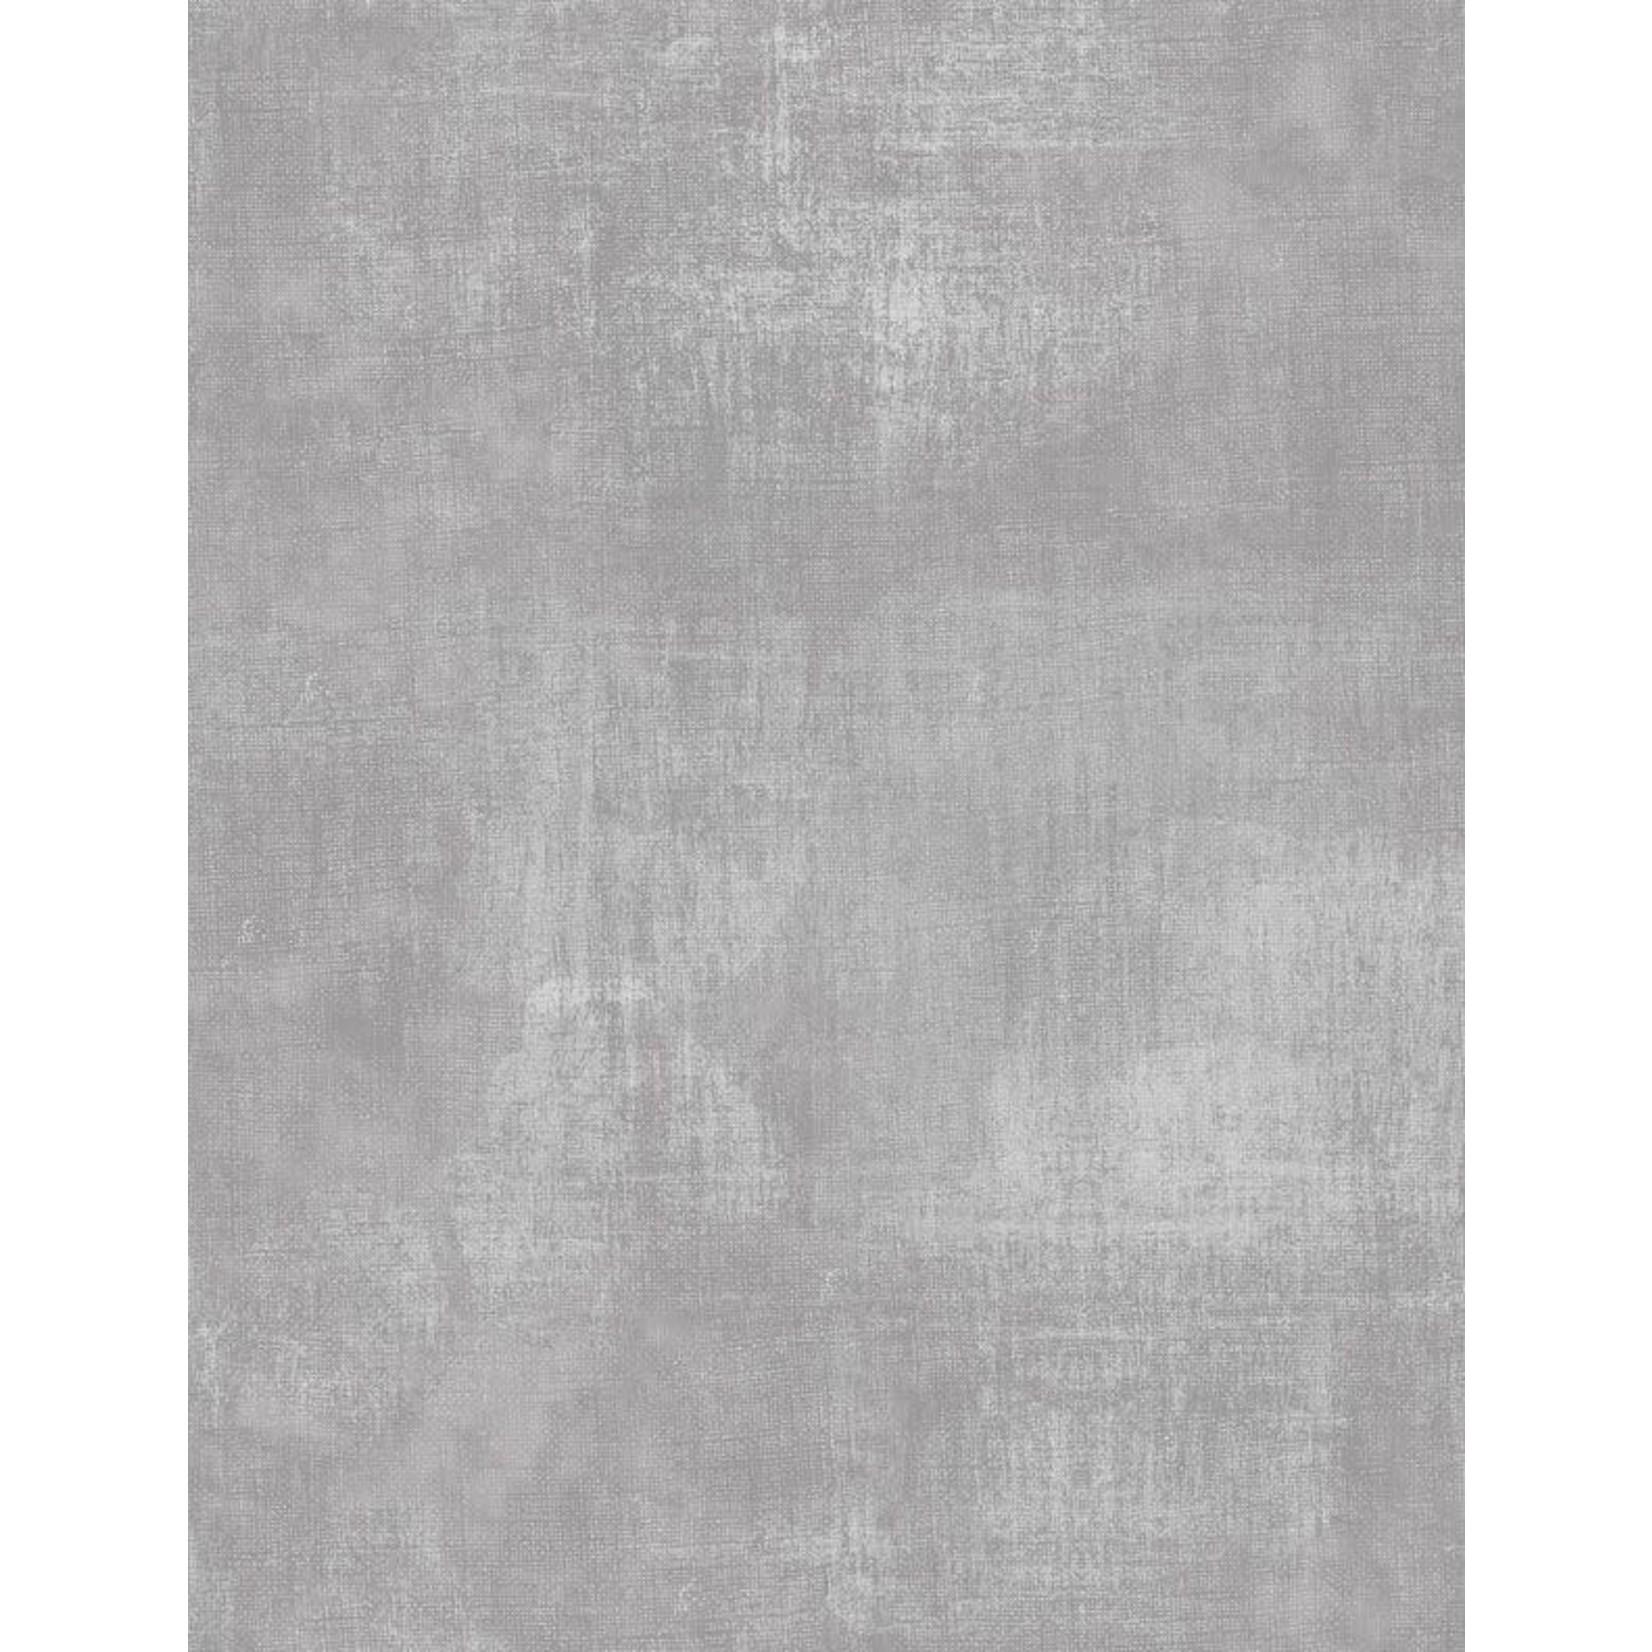 WILMINGTON PRINTS Essentials, Dry Brush (Gray), per cm or $18/m